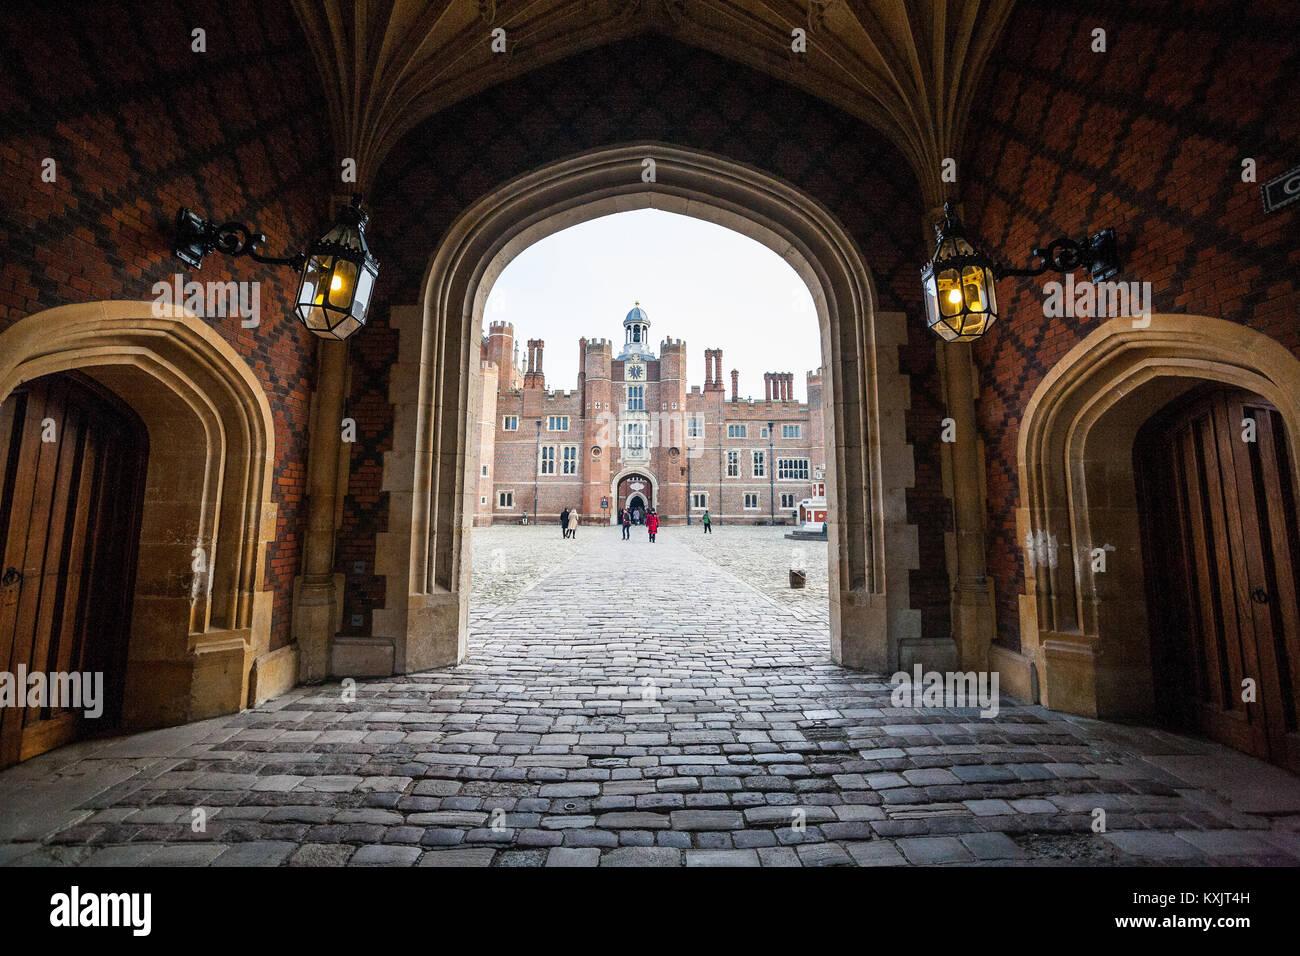 Hampton Court Palace es un palacio real en el barrio de Richmond, en Londres. Posee dos estilos arquitectónicos Imagen De Stock